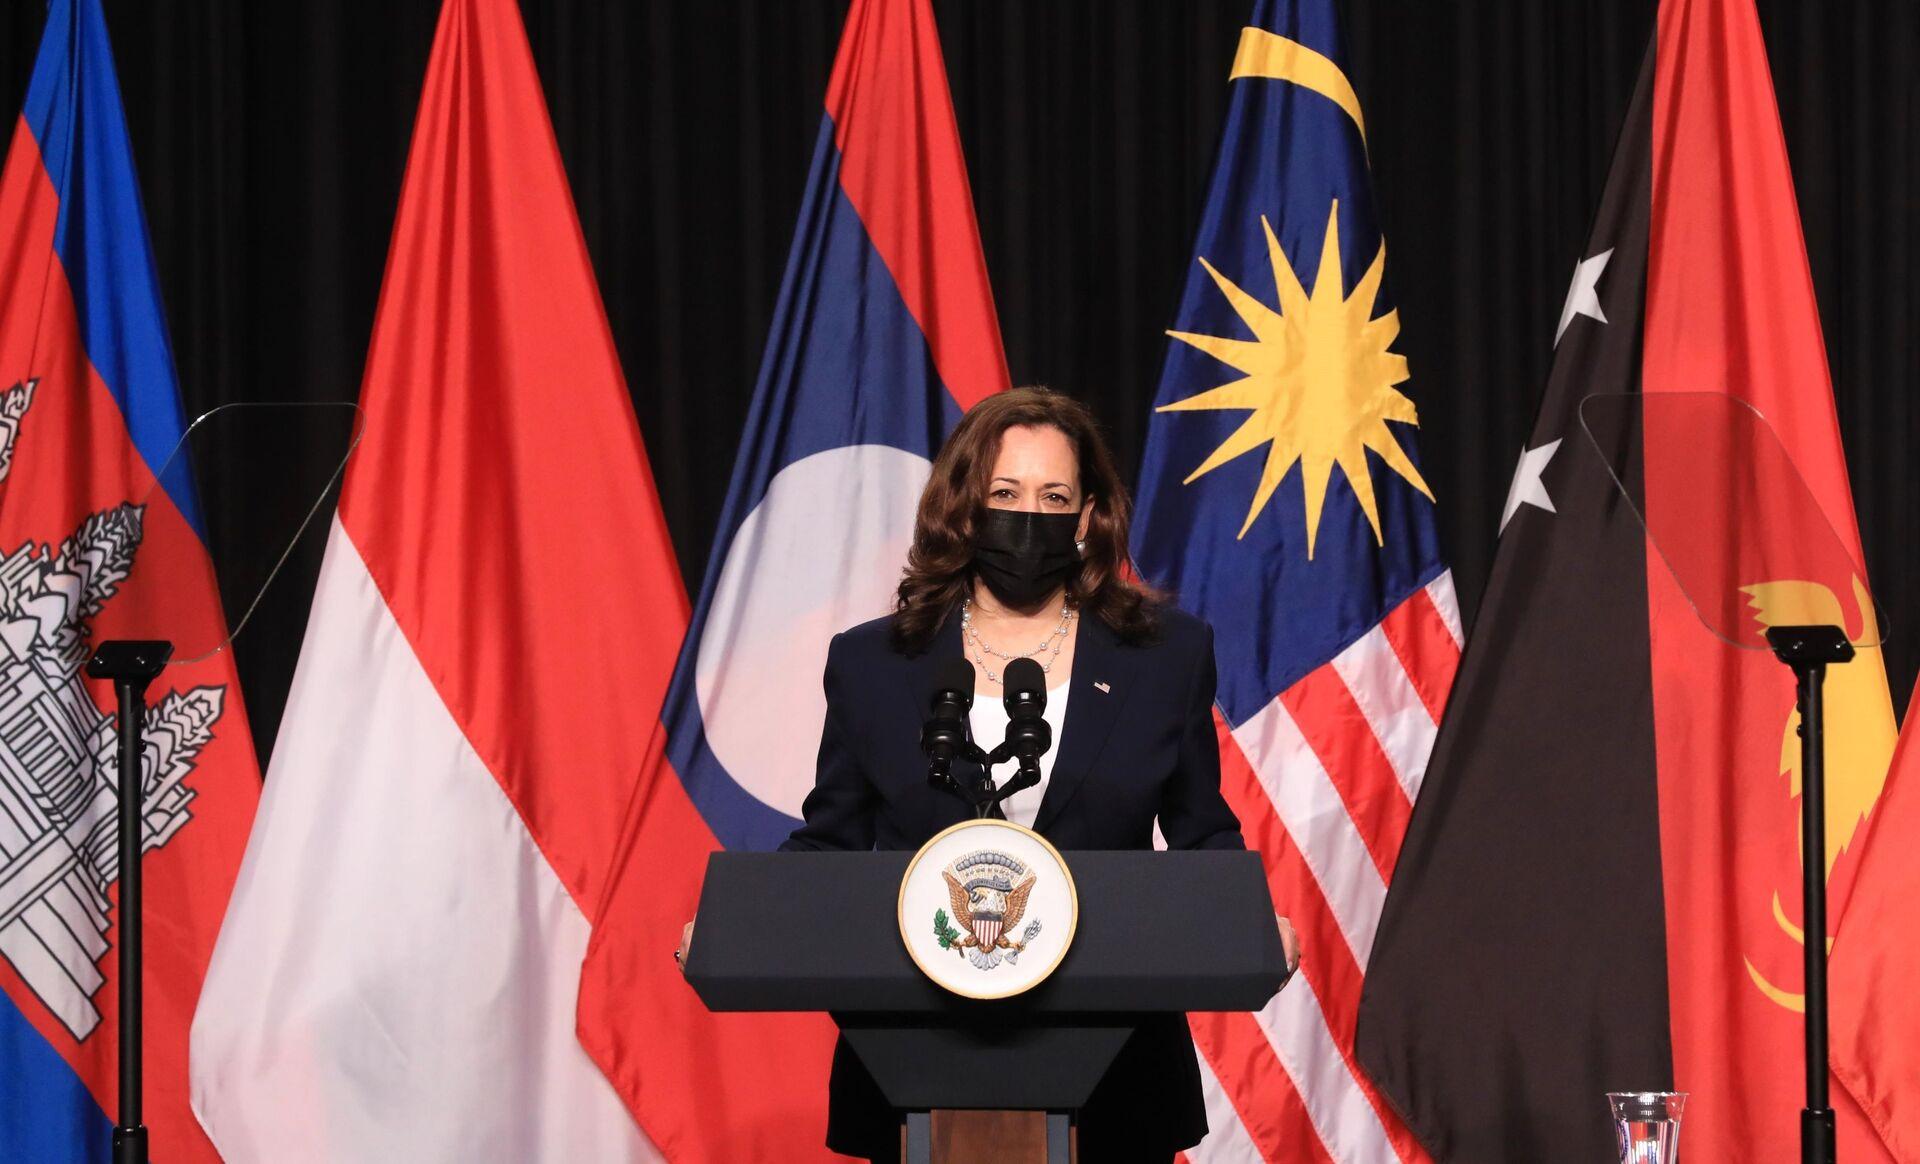 Phó Tổng thống Hoa Kỳ Kamala Harris phát biểu tại Lễ khai trương Văn phòng khu vực Đông Nam Á của Trung tâm Phòng ngừa và Kiểm soát Bệnh tật Hoa Kỳ (USCDC) tại Hà Nội. - Sputnik Việt Nam, 1920, 05.10.2021